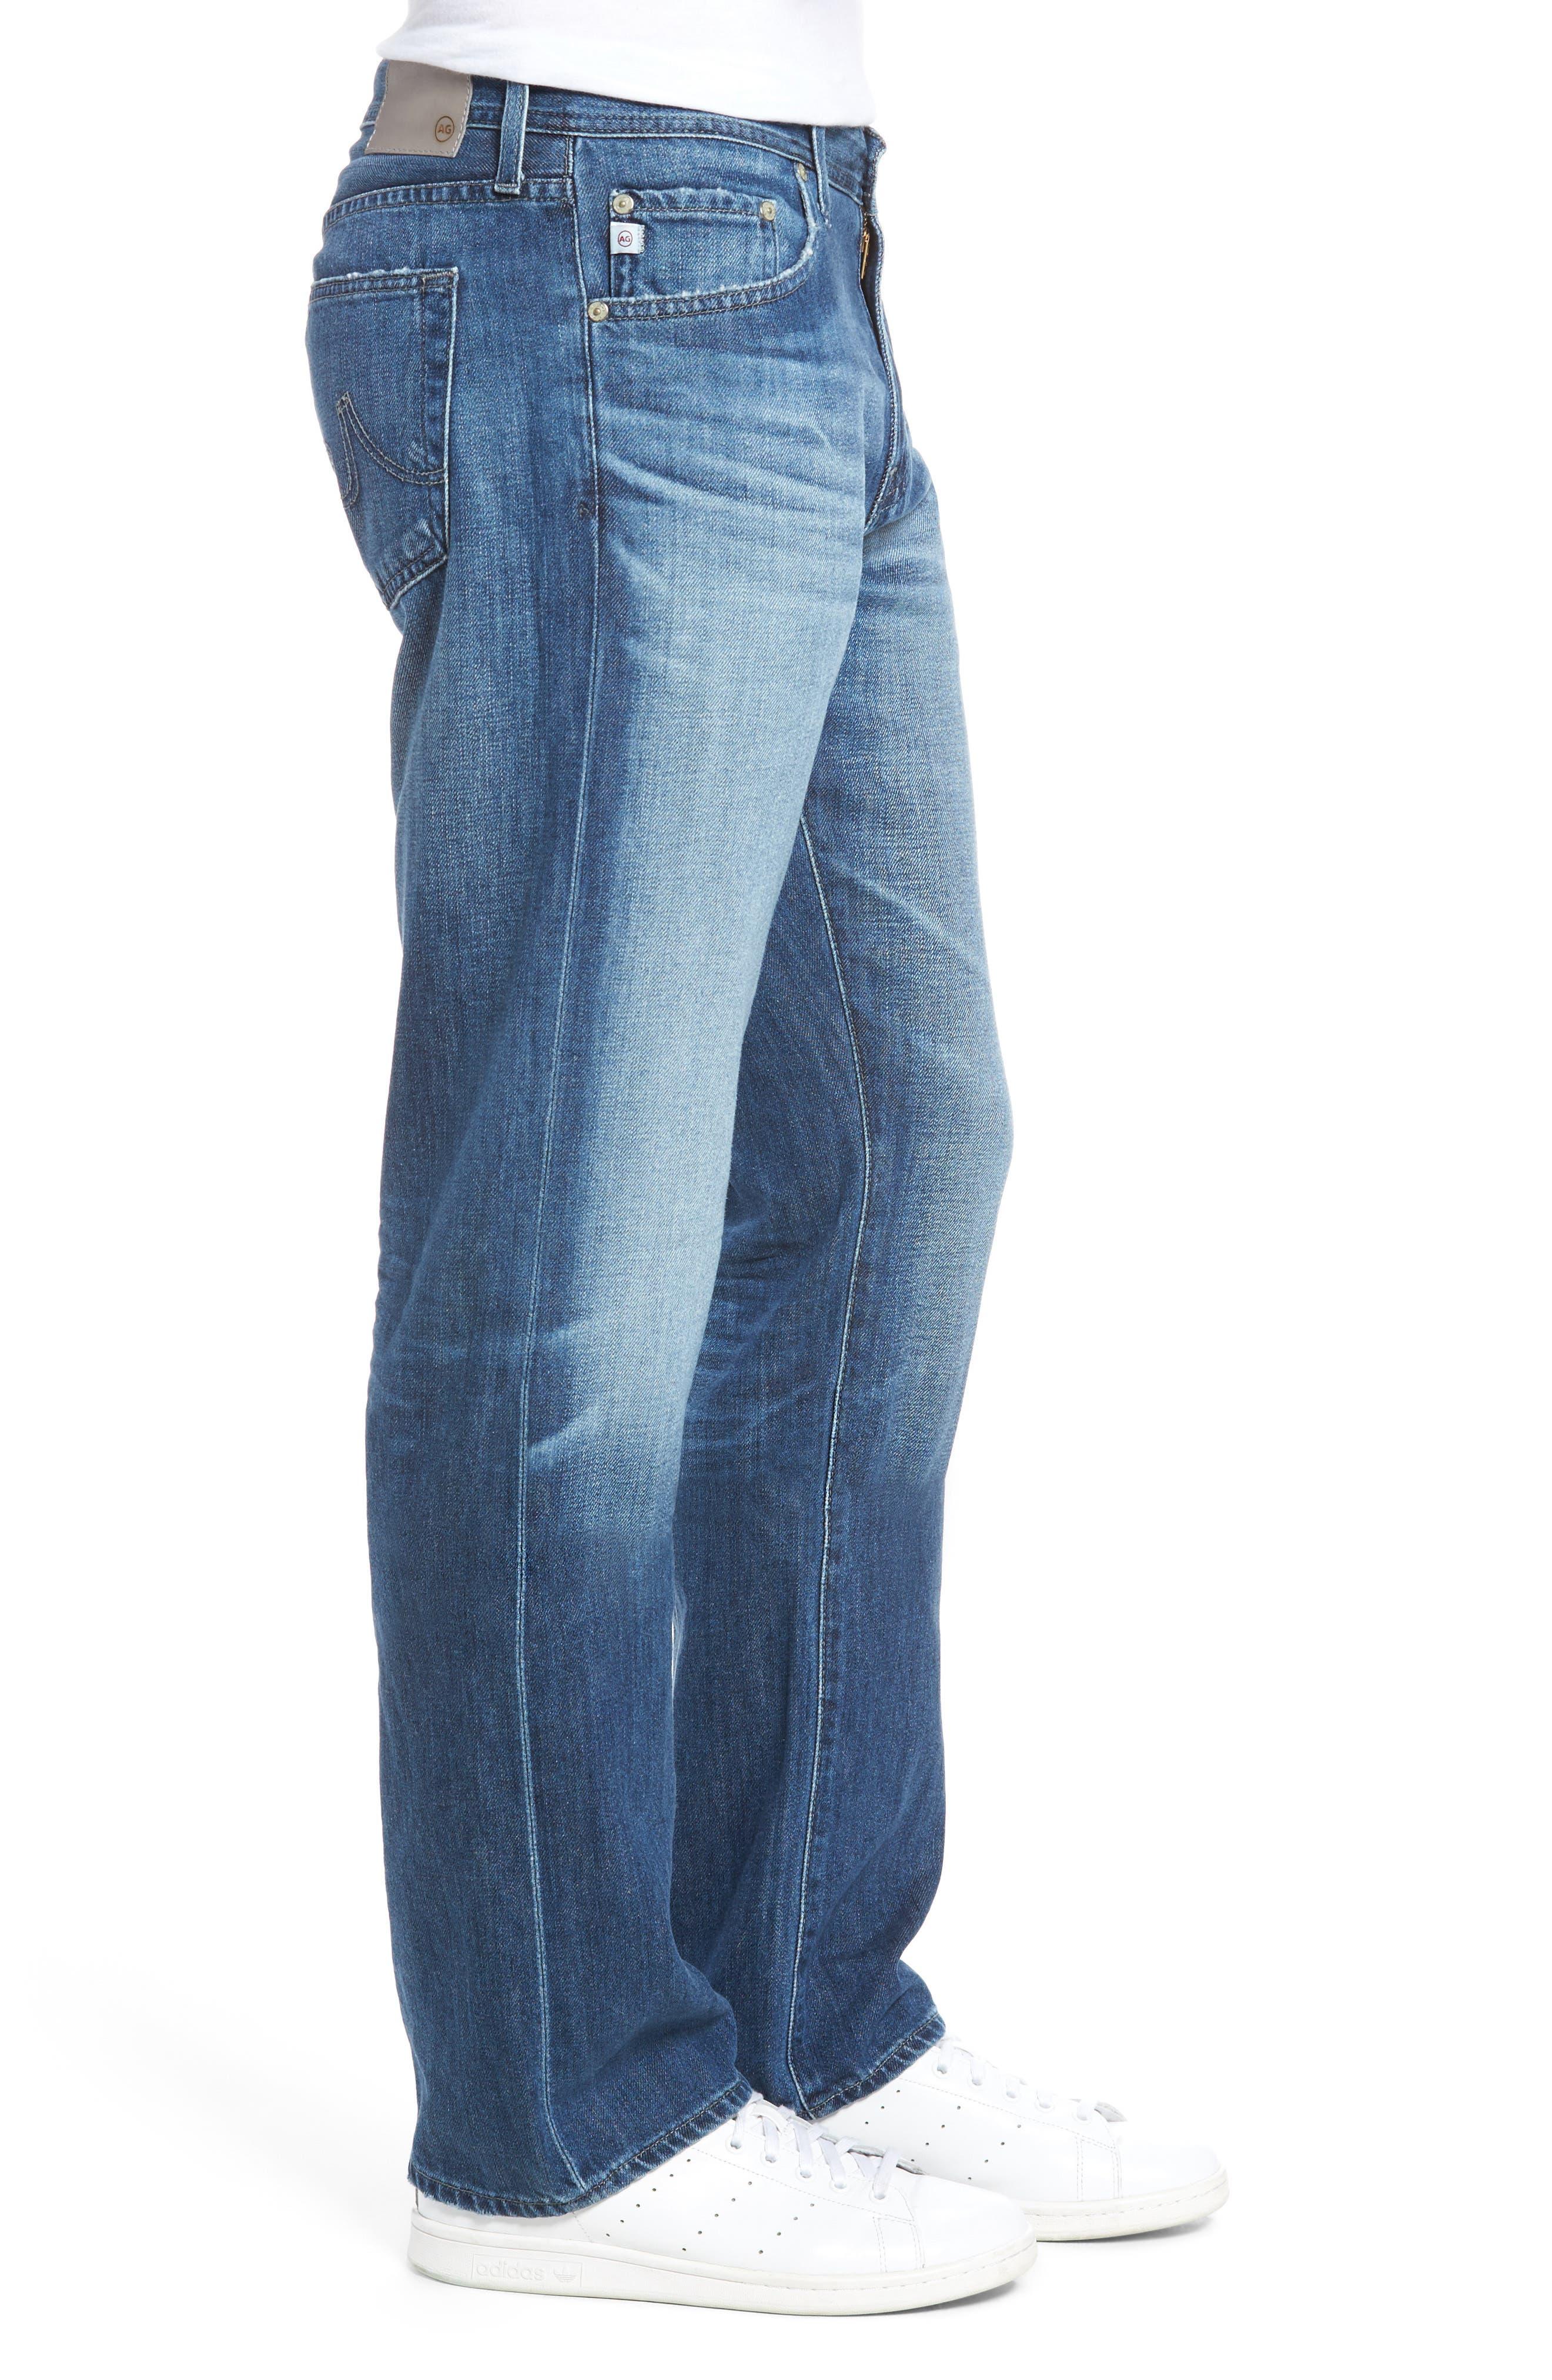 Protégé Relaxed Fit Jeans,                             Alternate thumbnail 3, color,                             472